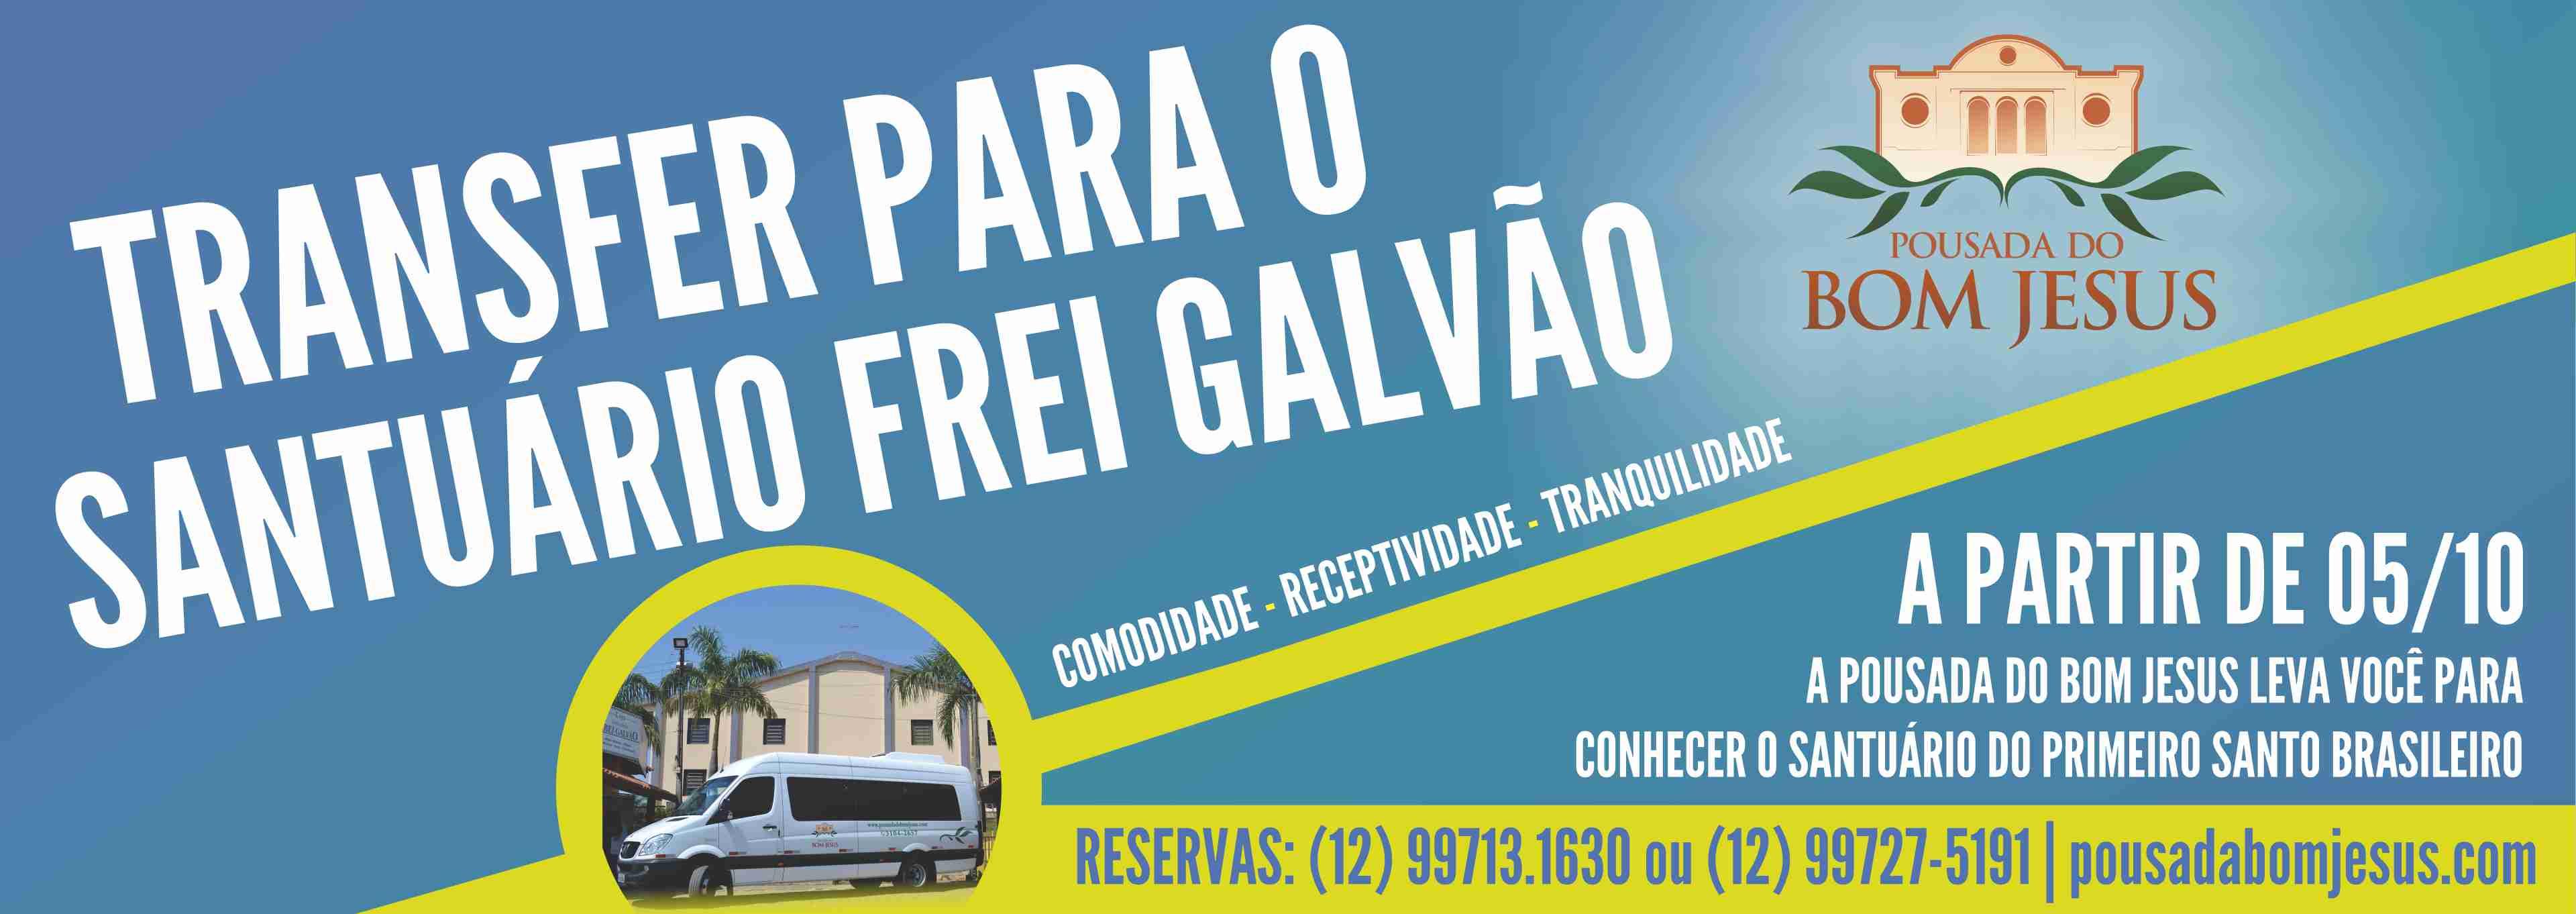 Transfer para o Santuário Frei Galvão